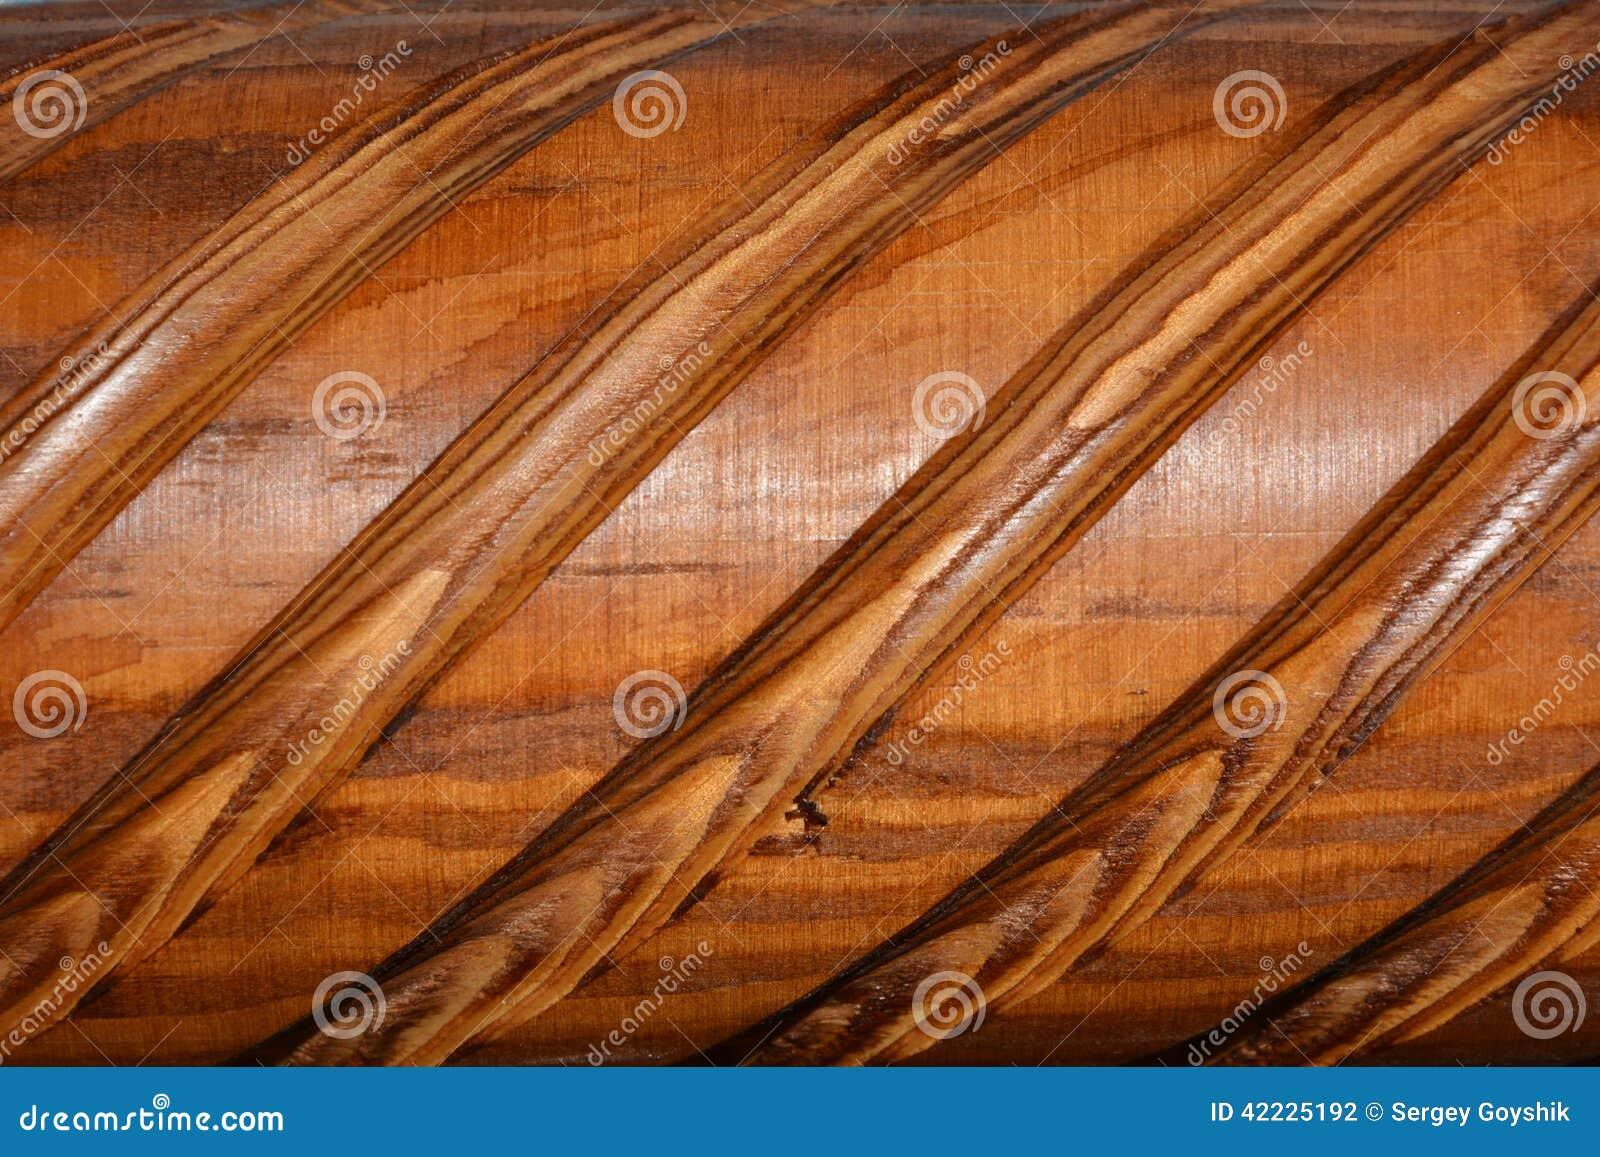 Textura madera barnizada foto de archivo imagen 42225192 - Pintura para madera barnizada ...